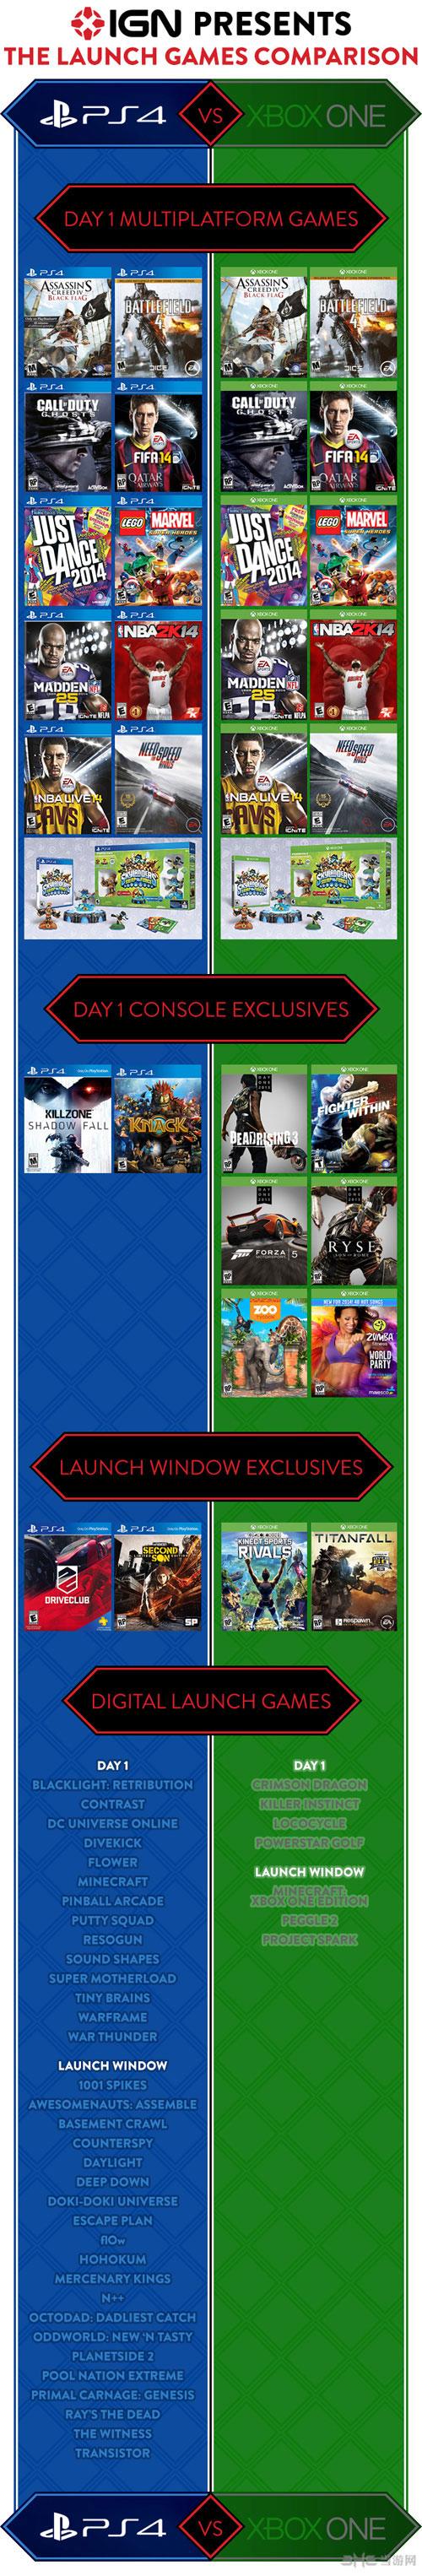 PS4和xbox one首发游戏对比